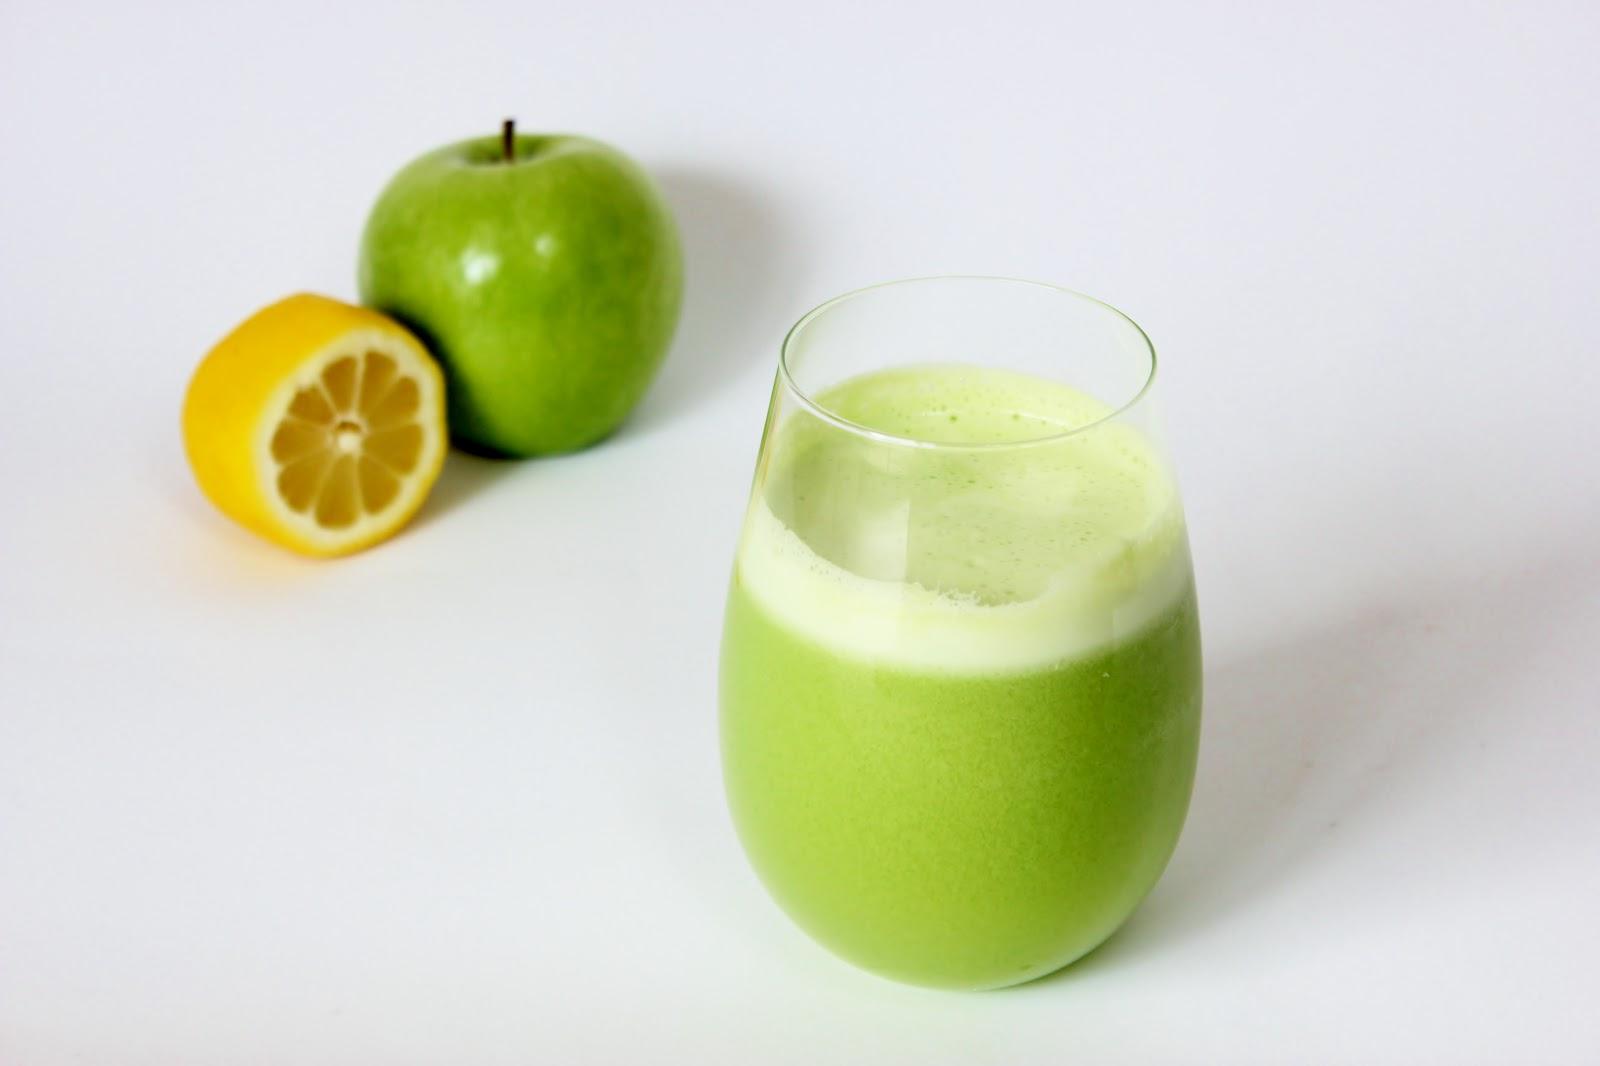 بالصور فوائد عصير التفاح الاخضر 20160725 56